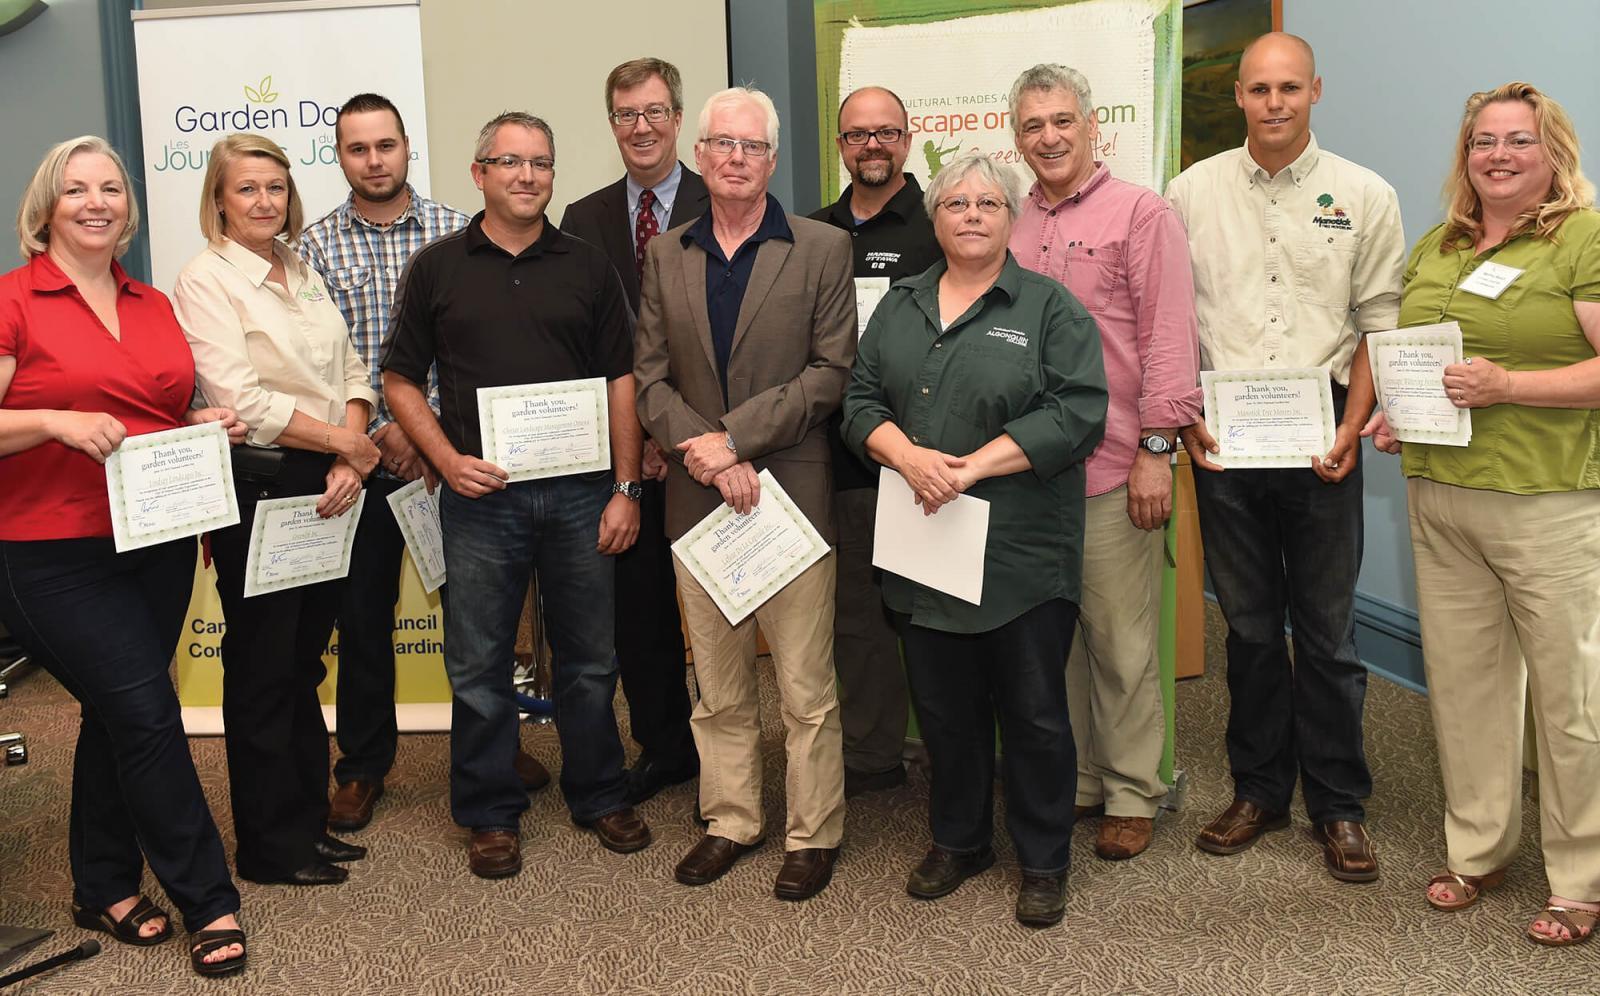 City honours Ottawa Chapter on Garden Days